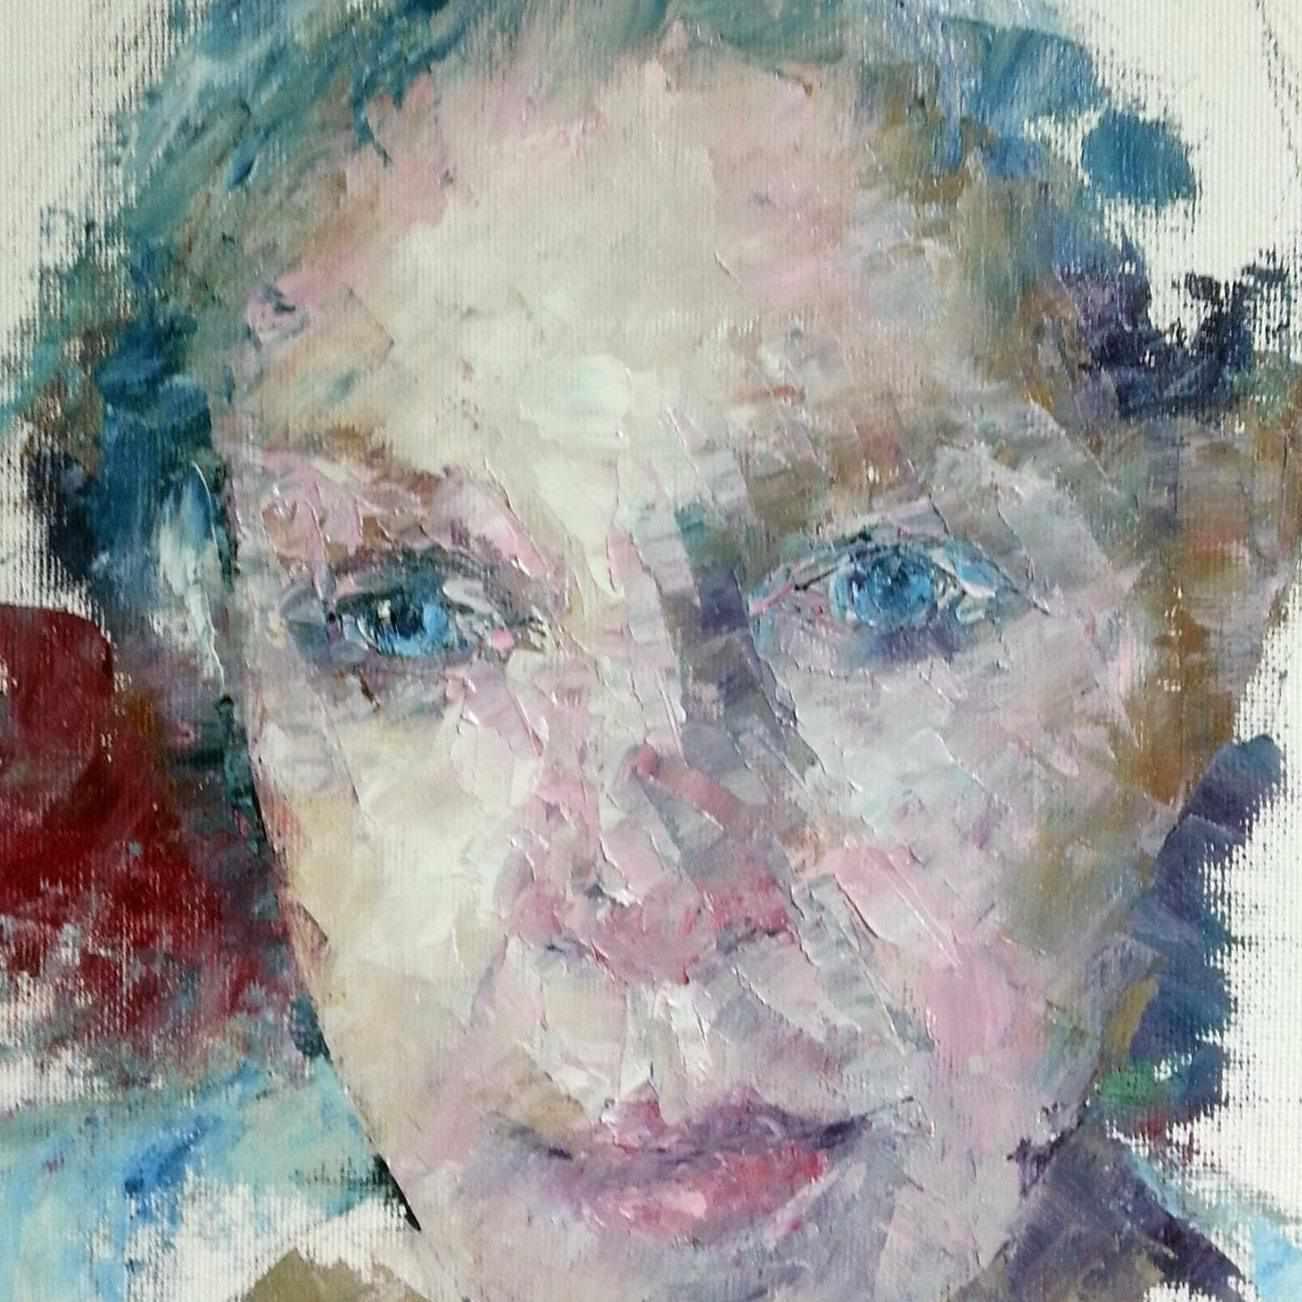 Jeanette Jobson